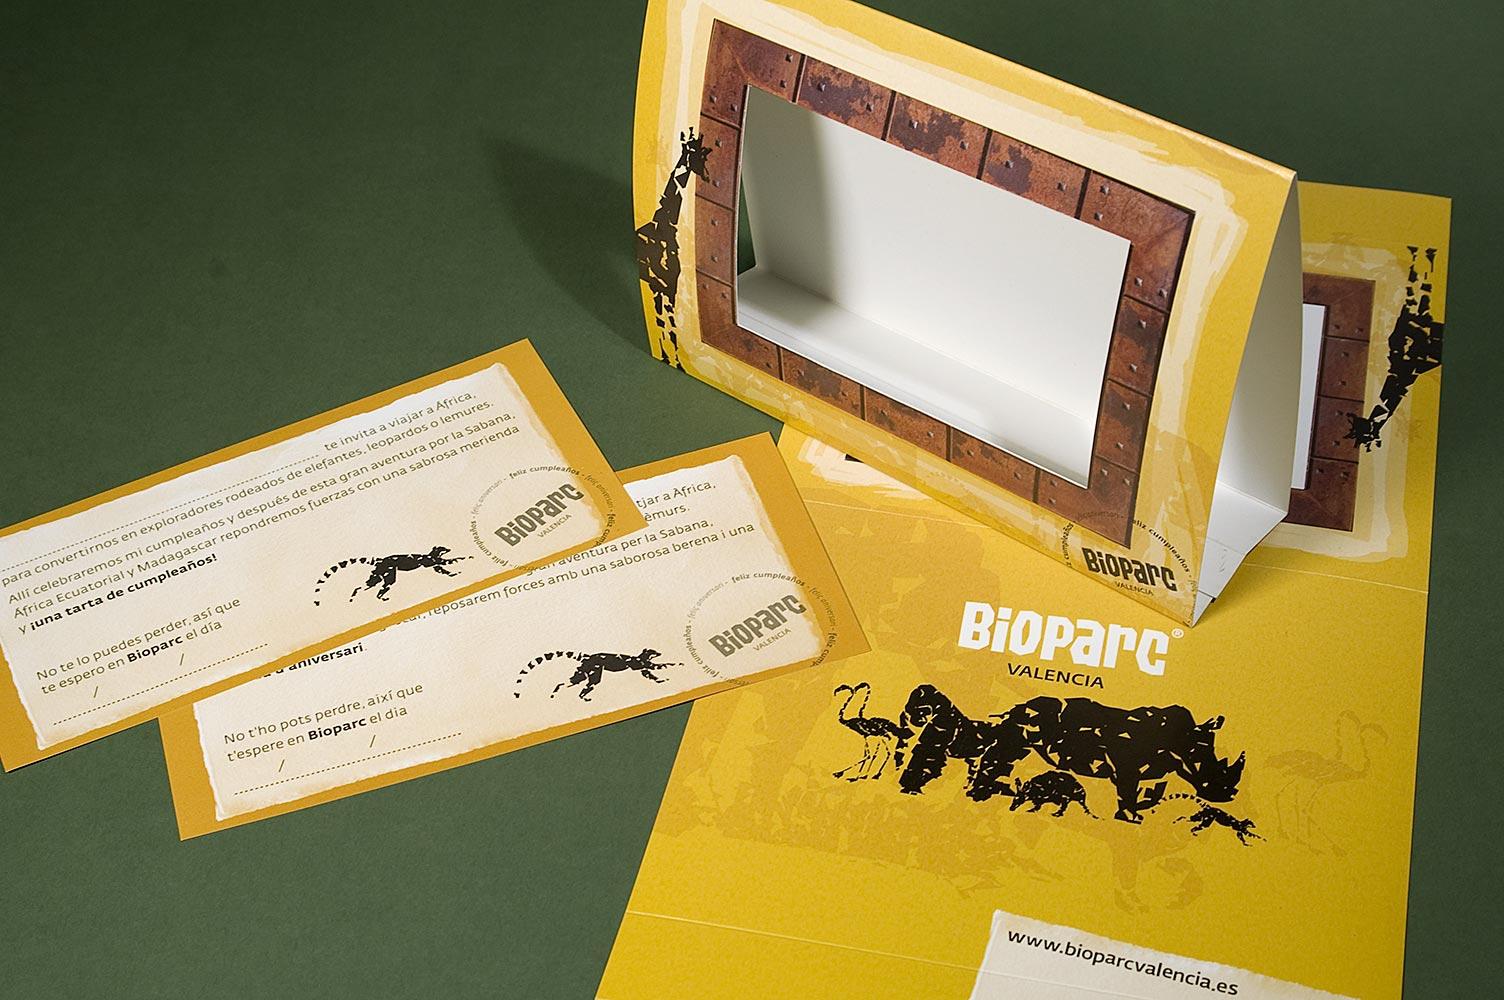 Diseño de invitaciones y portafotos para cumpleaños en Bioparc